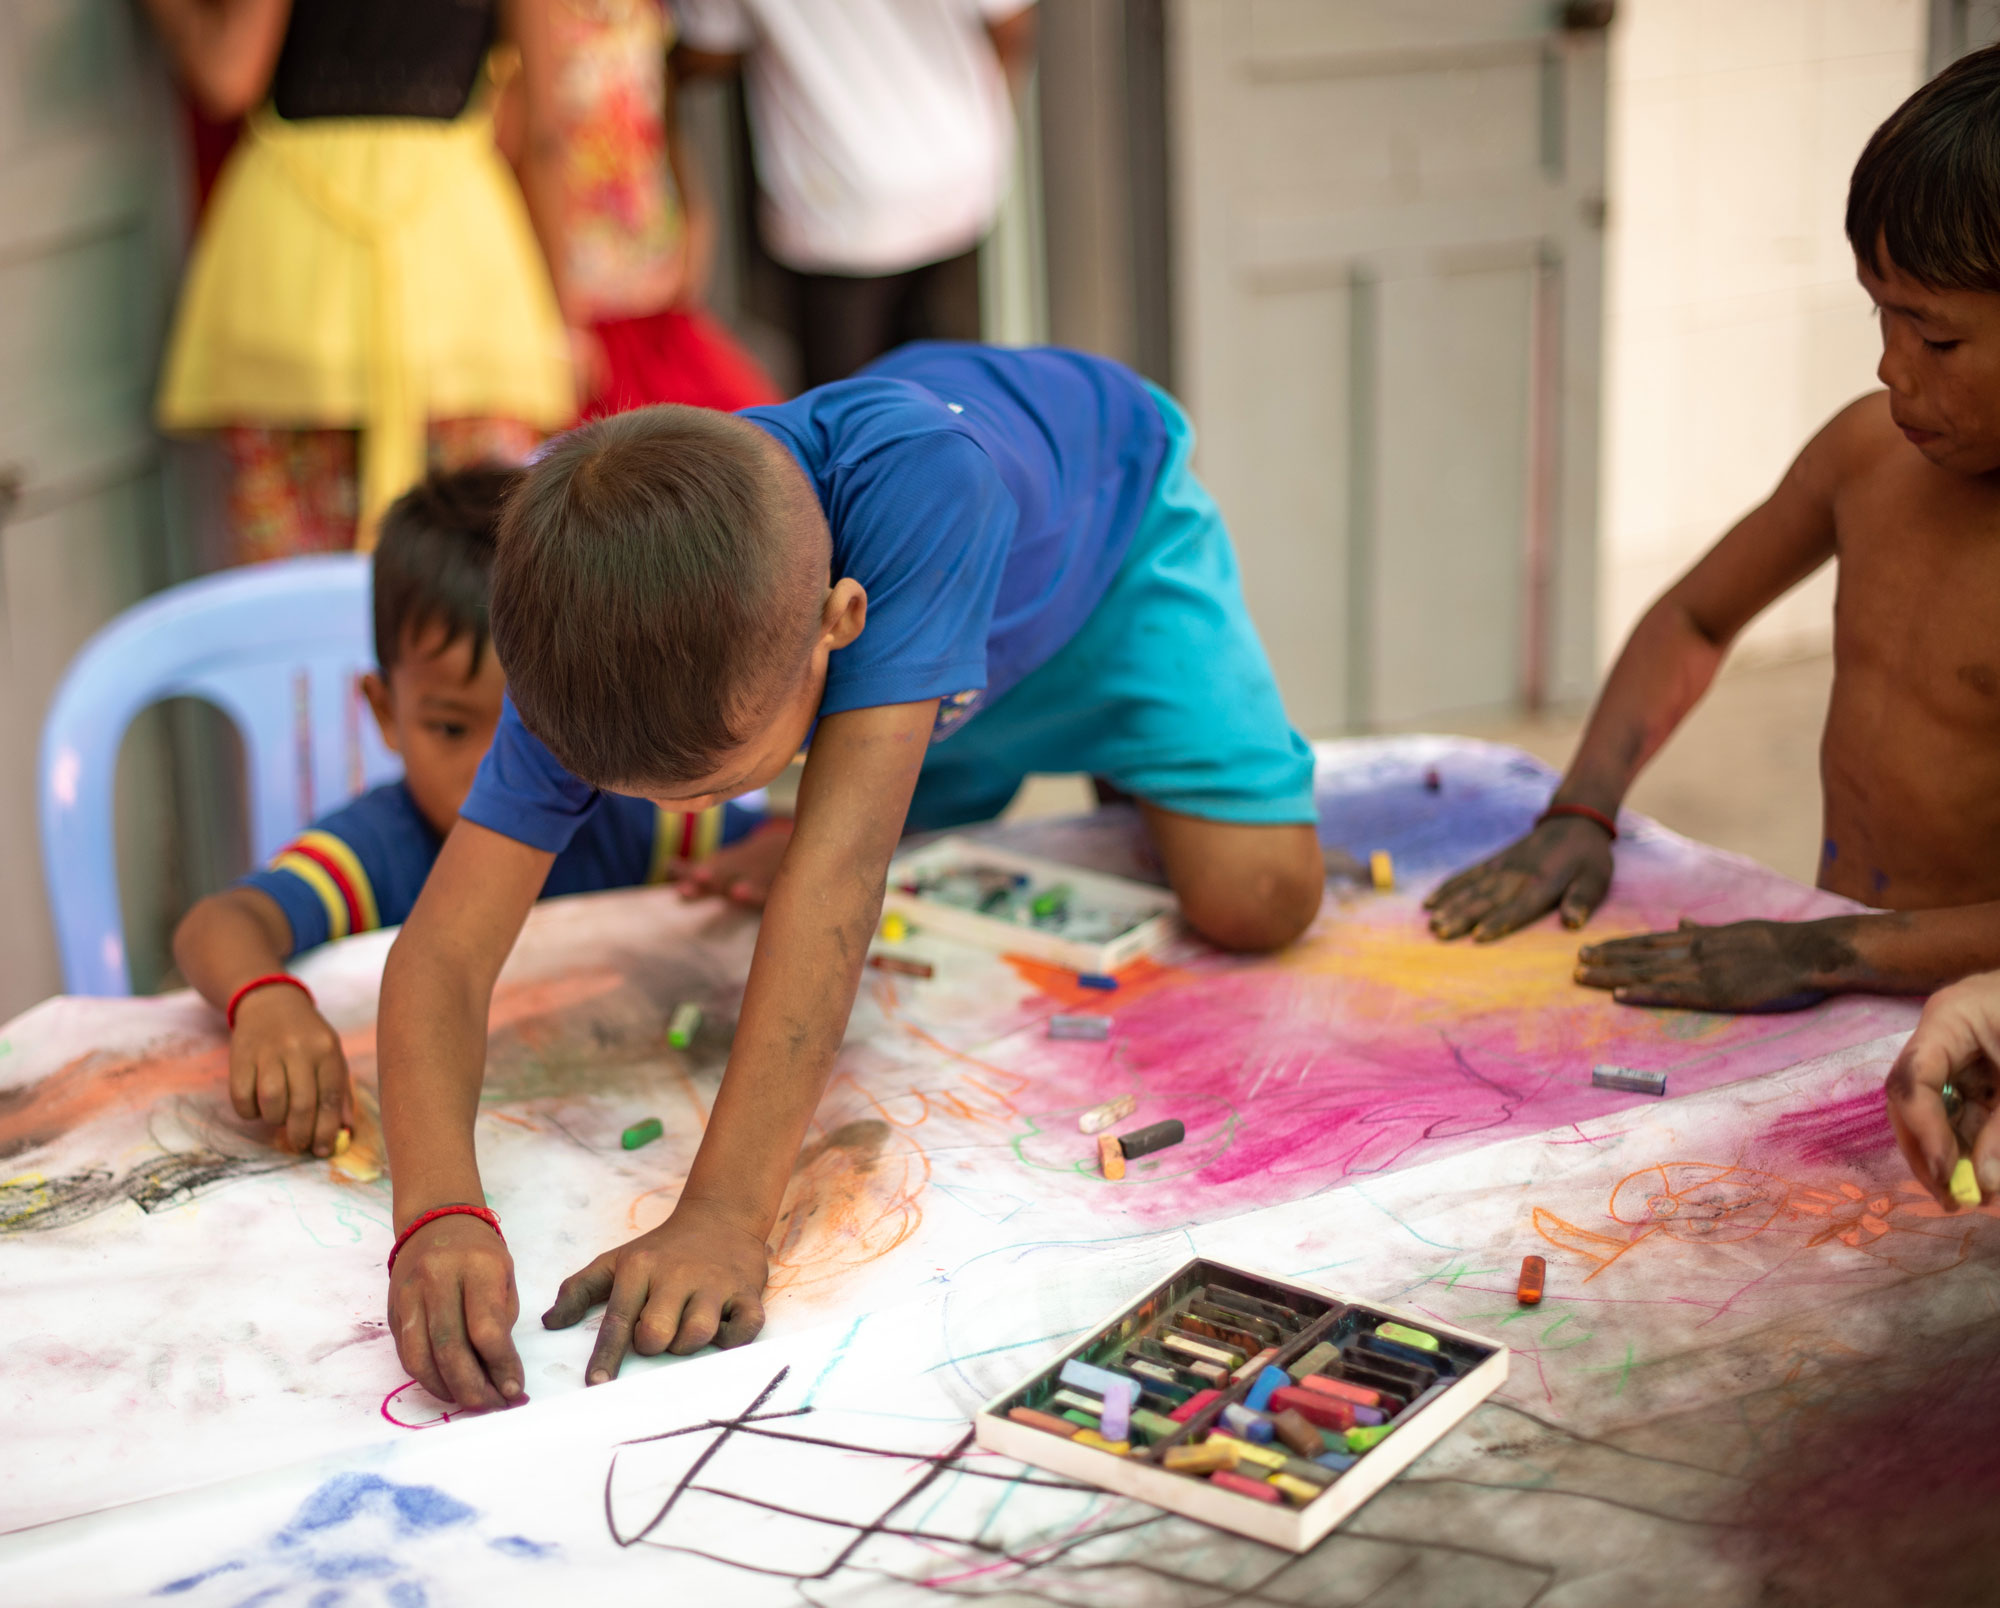 enfant qui dessine à genou sur une table